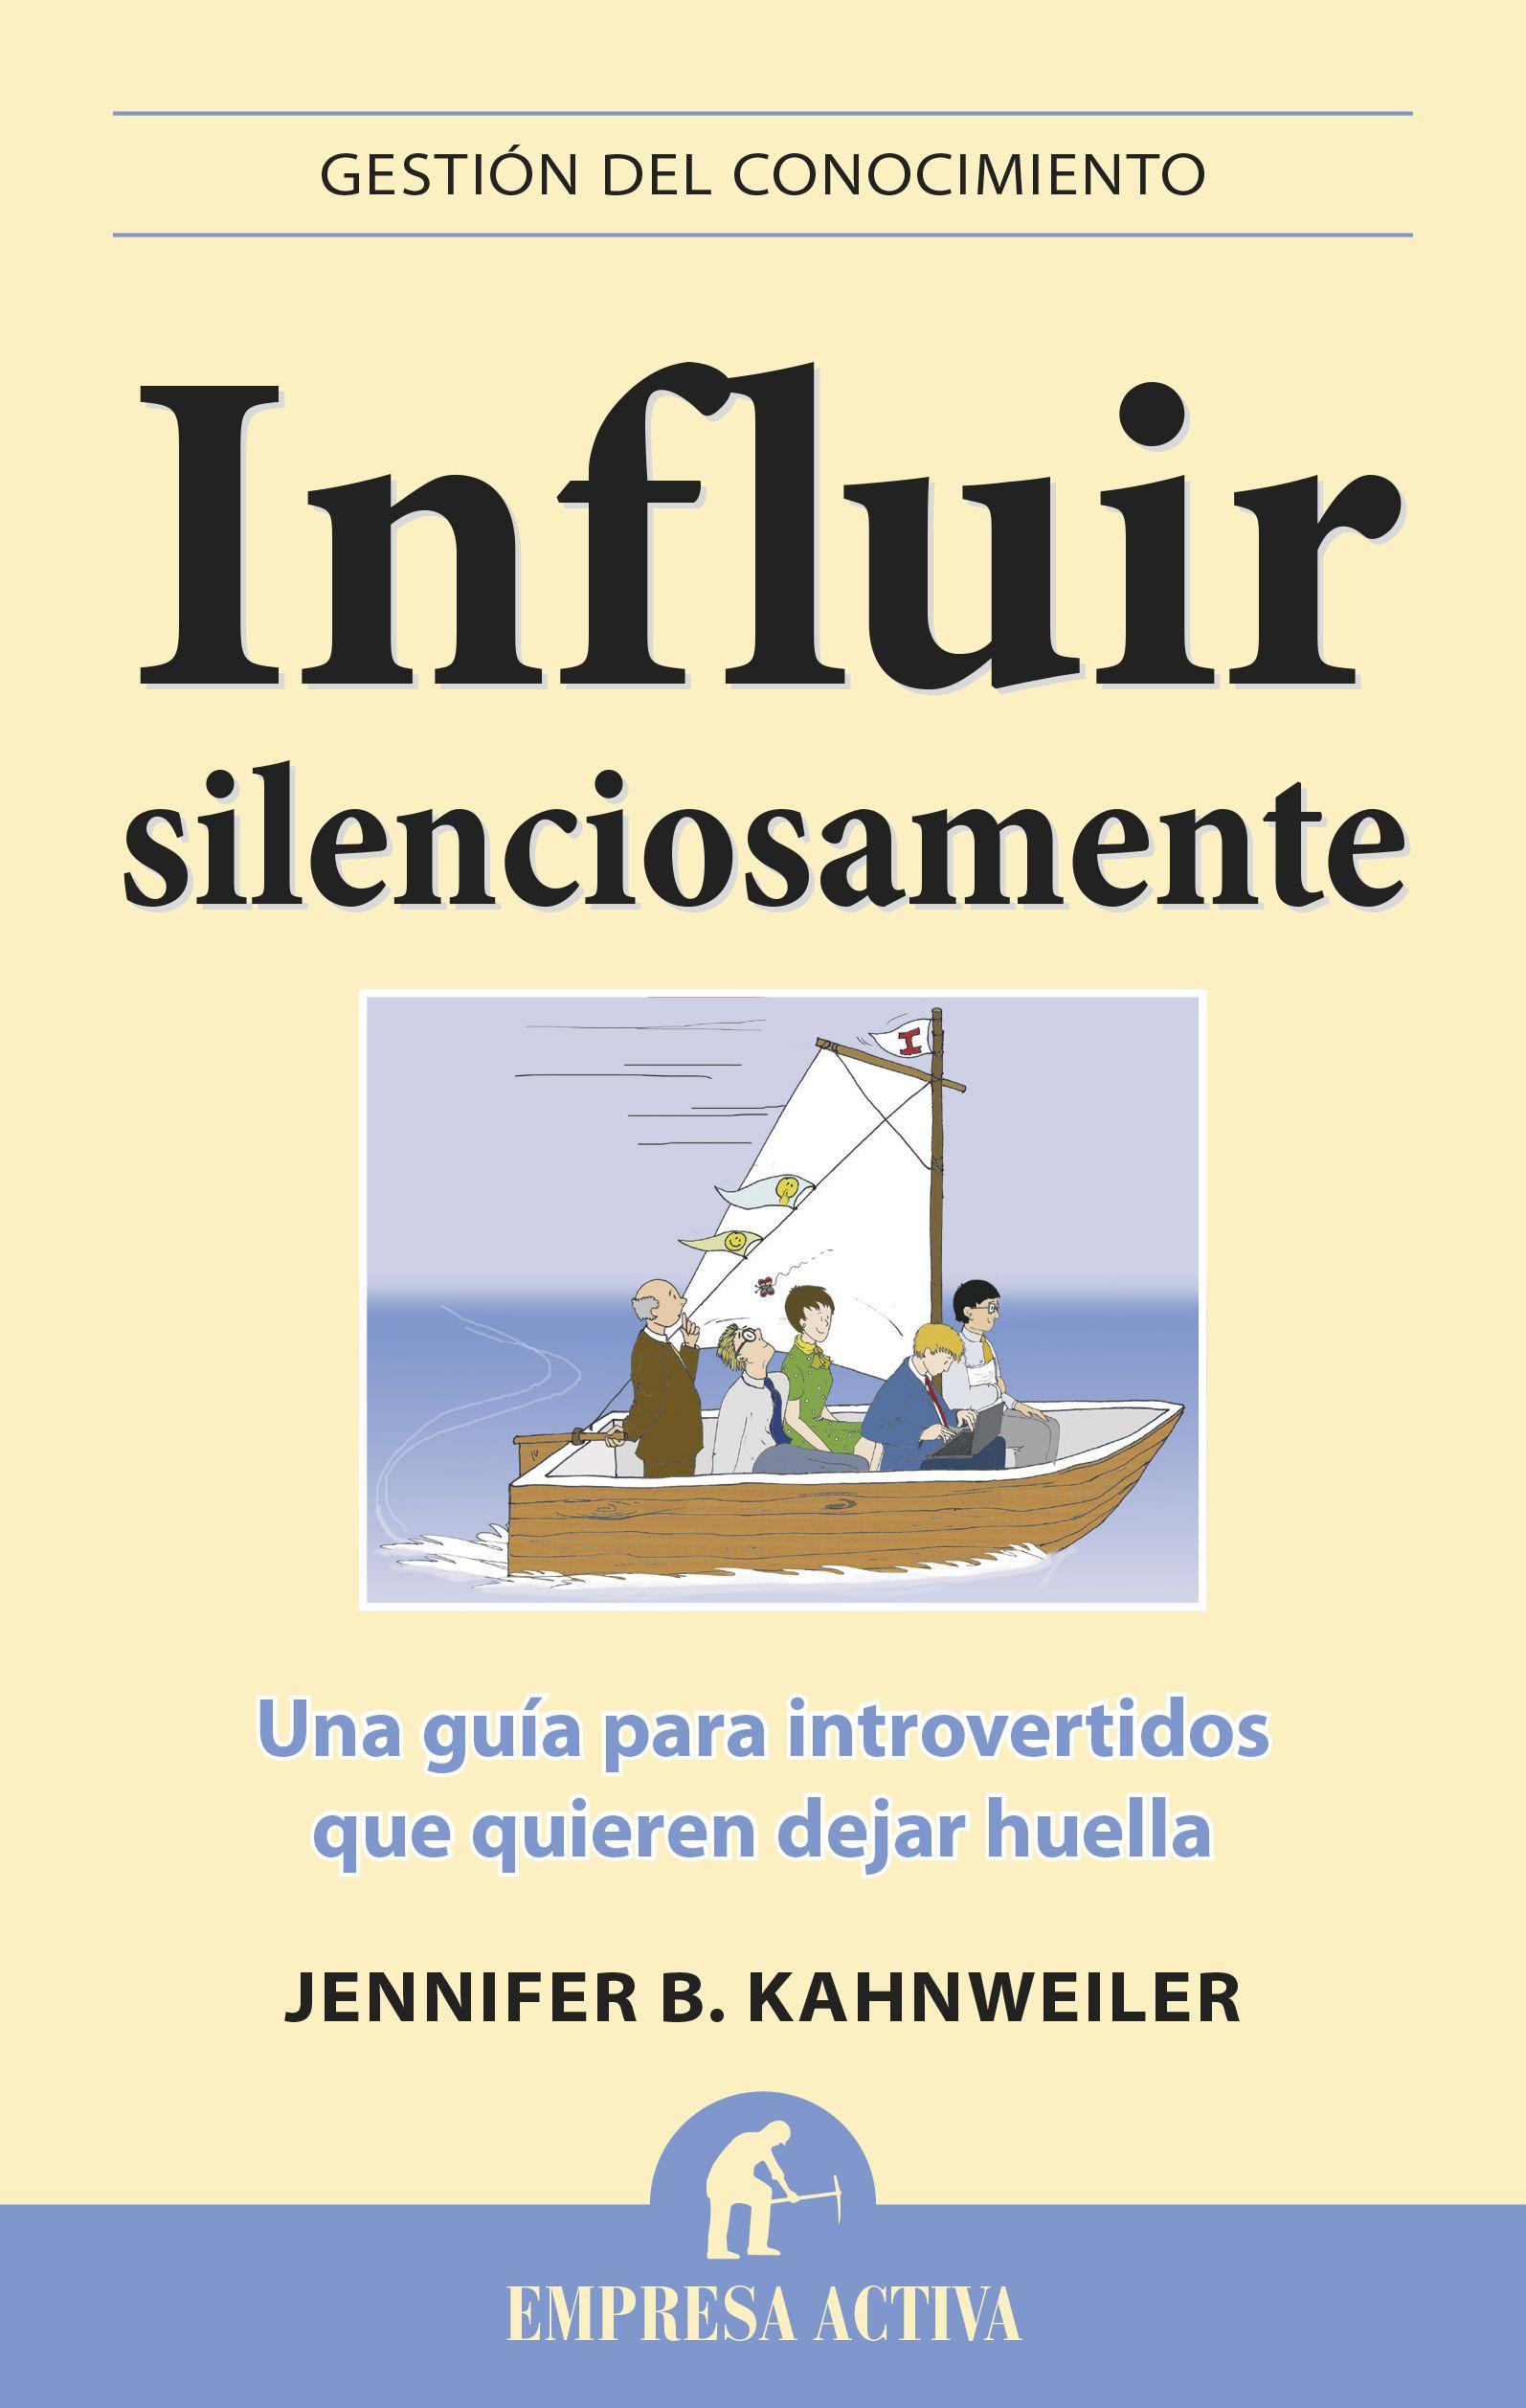 Resumen con las ideas principales del libro 'Influir